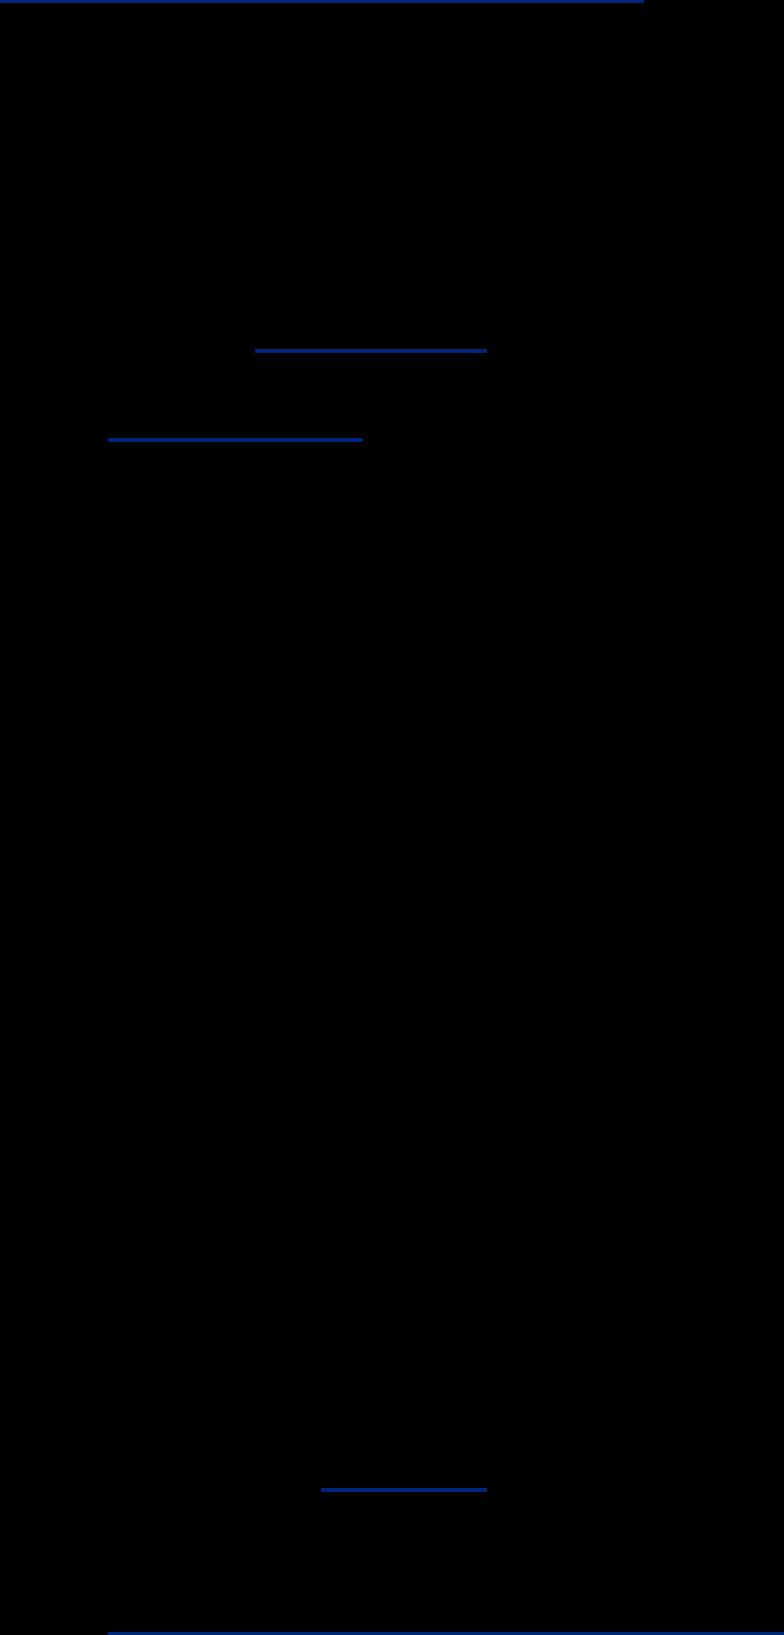 移動する のPNG、SVGクリップアートイラスト